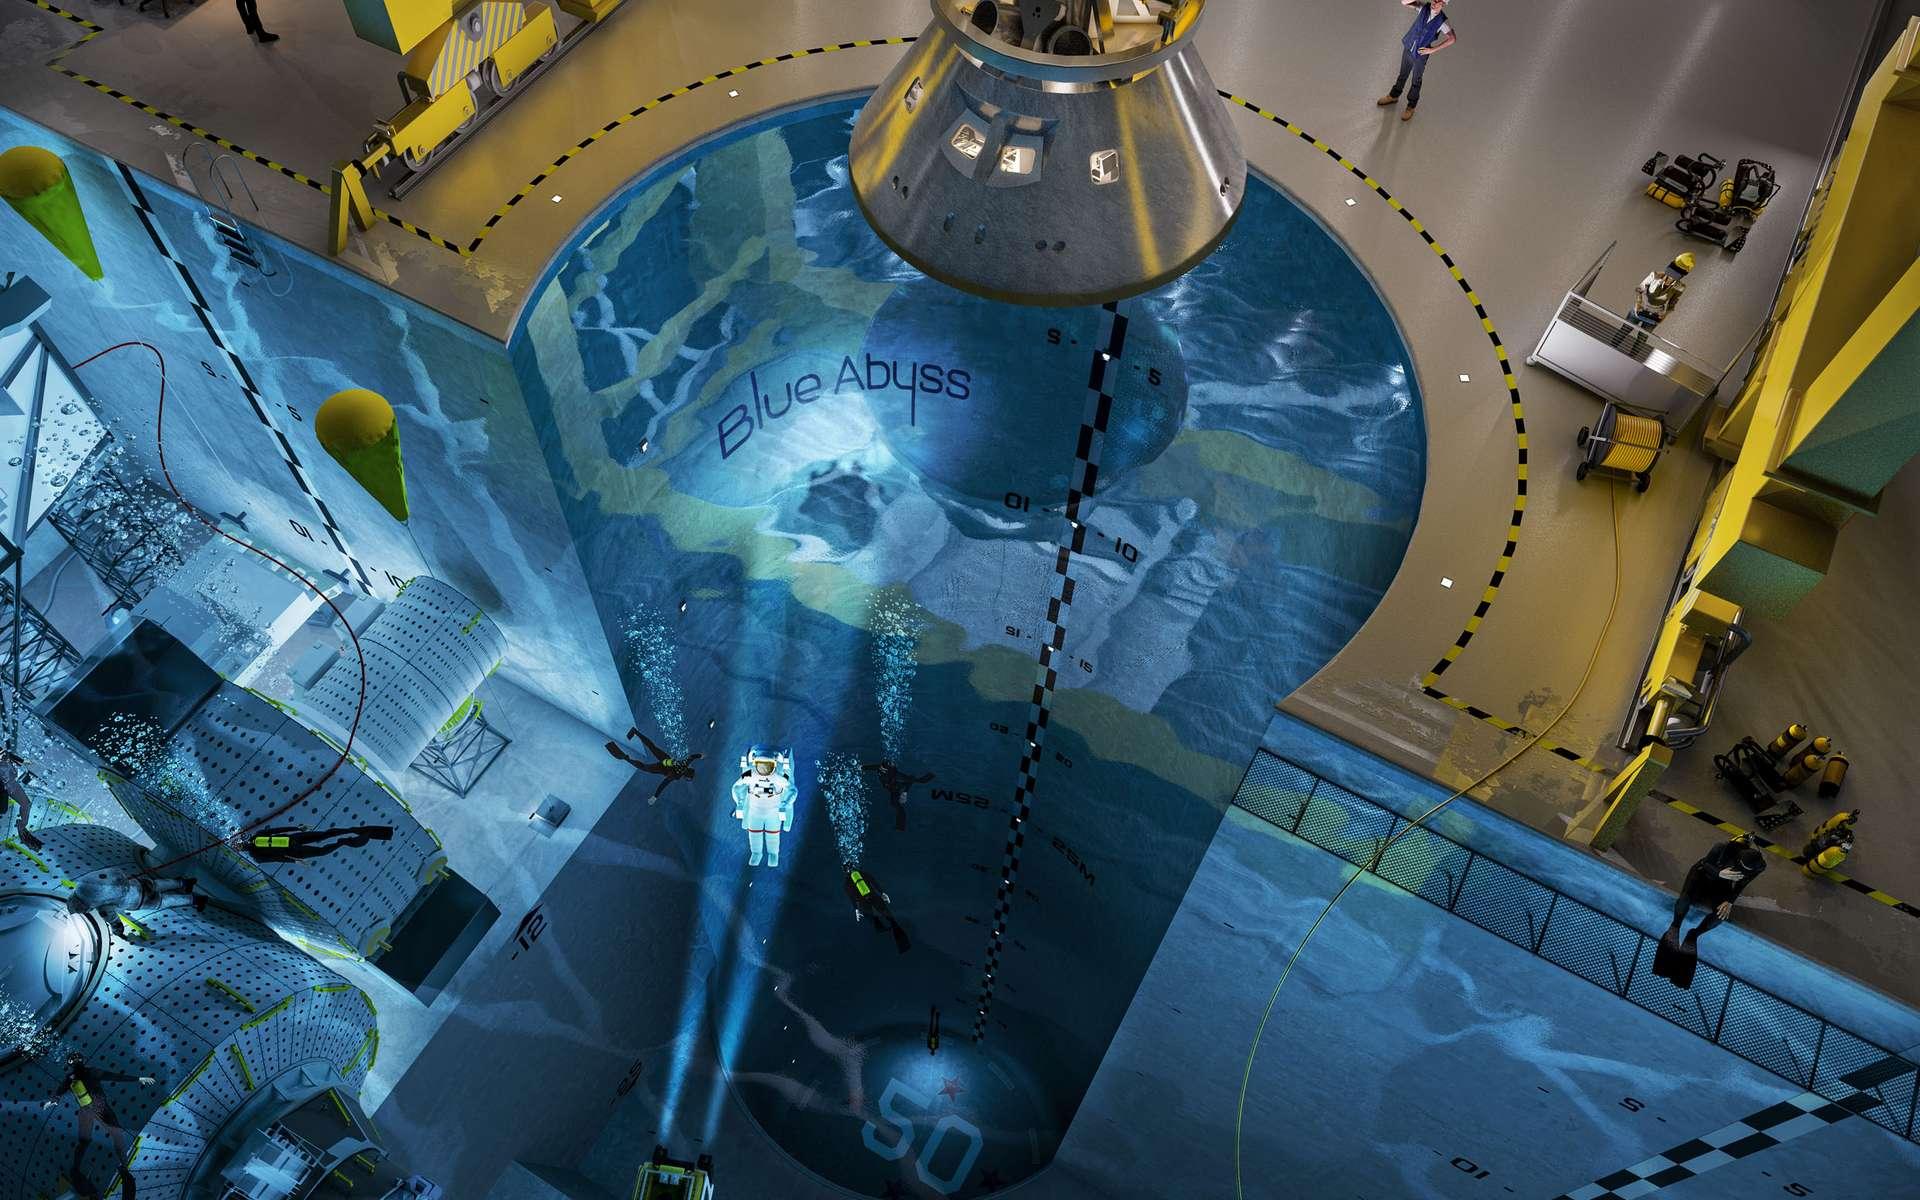 L'ouverture du complexe Blue Abyss est prévu pour 2023. © Blue Abyss